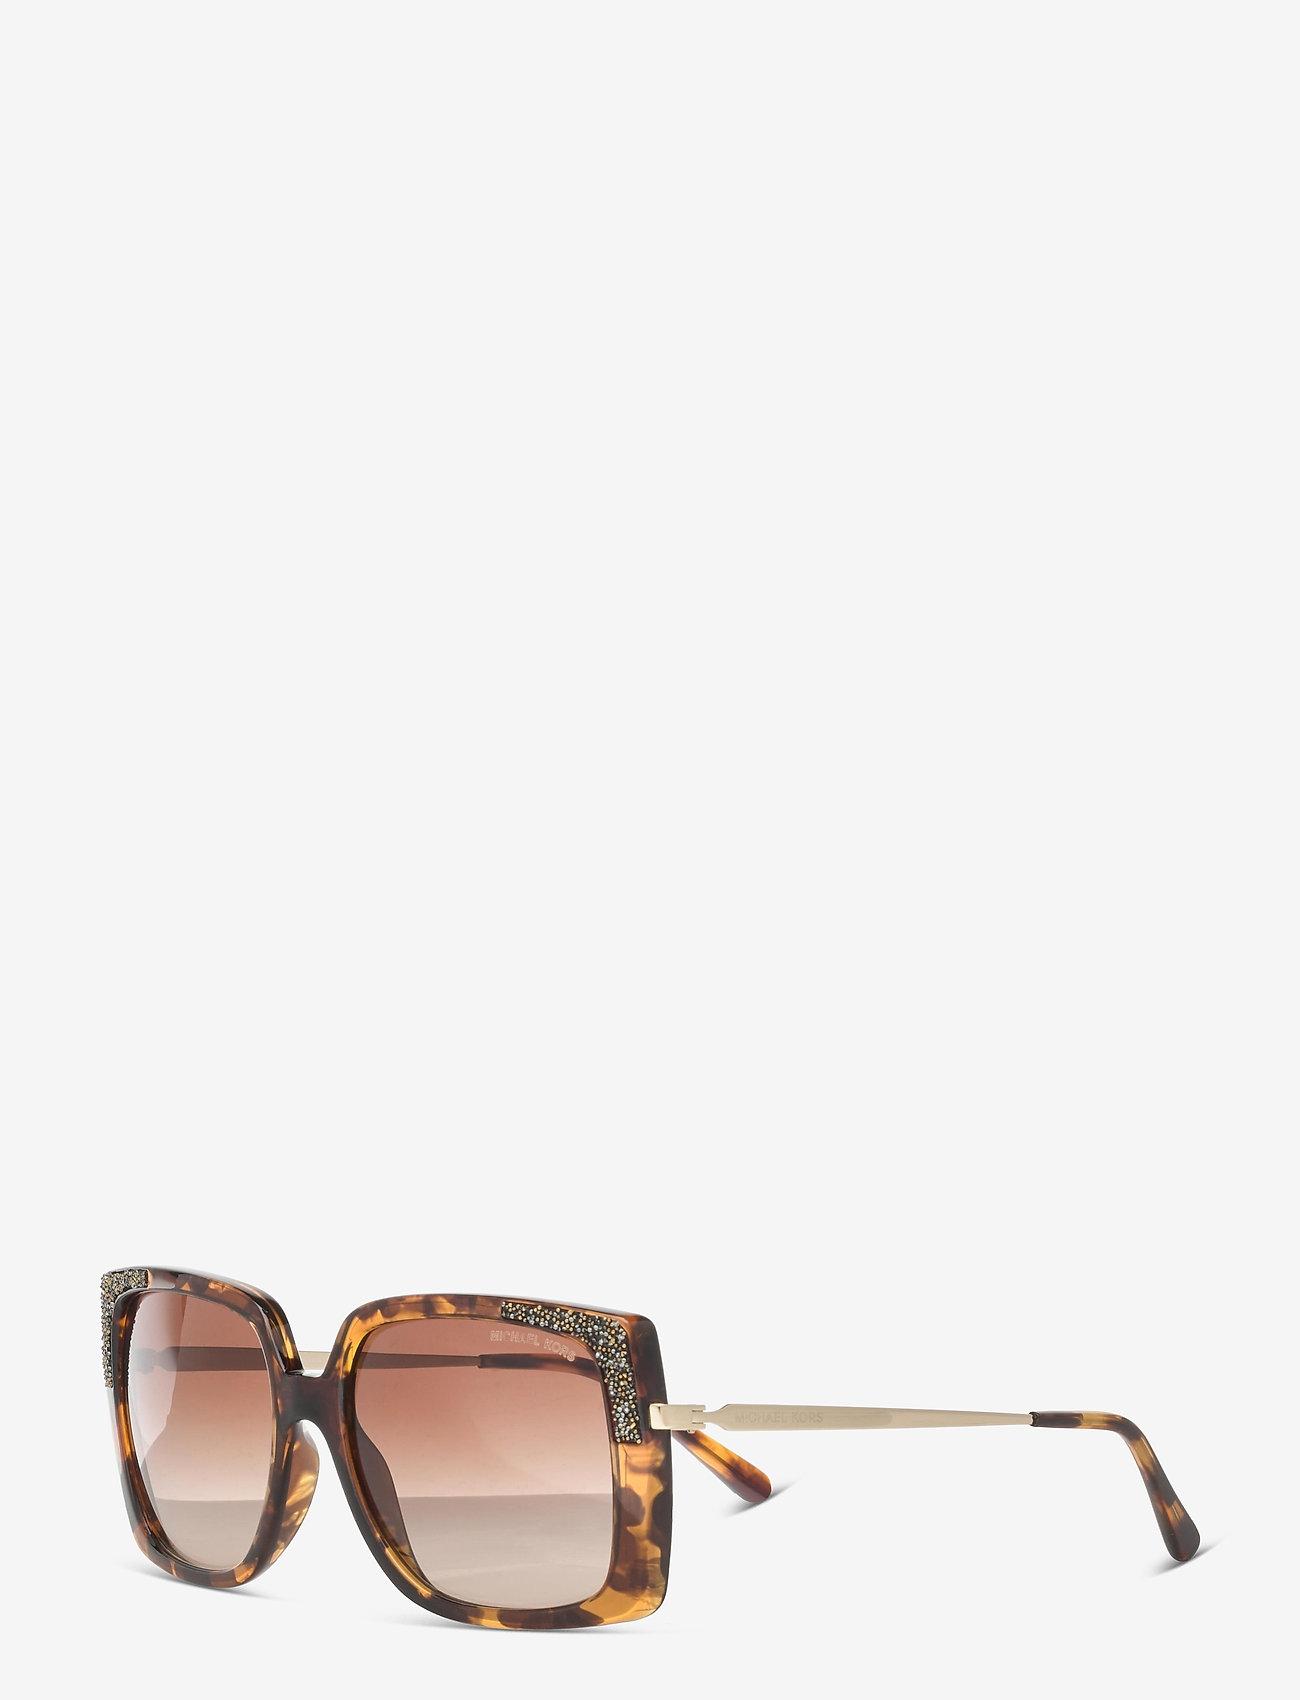 Michael Kors Sunglasses - ROCHELLE - rechthoekig model - brown gradient - 1